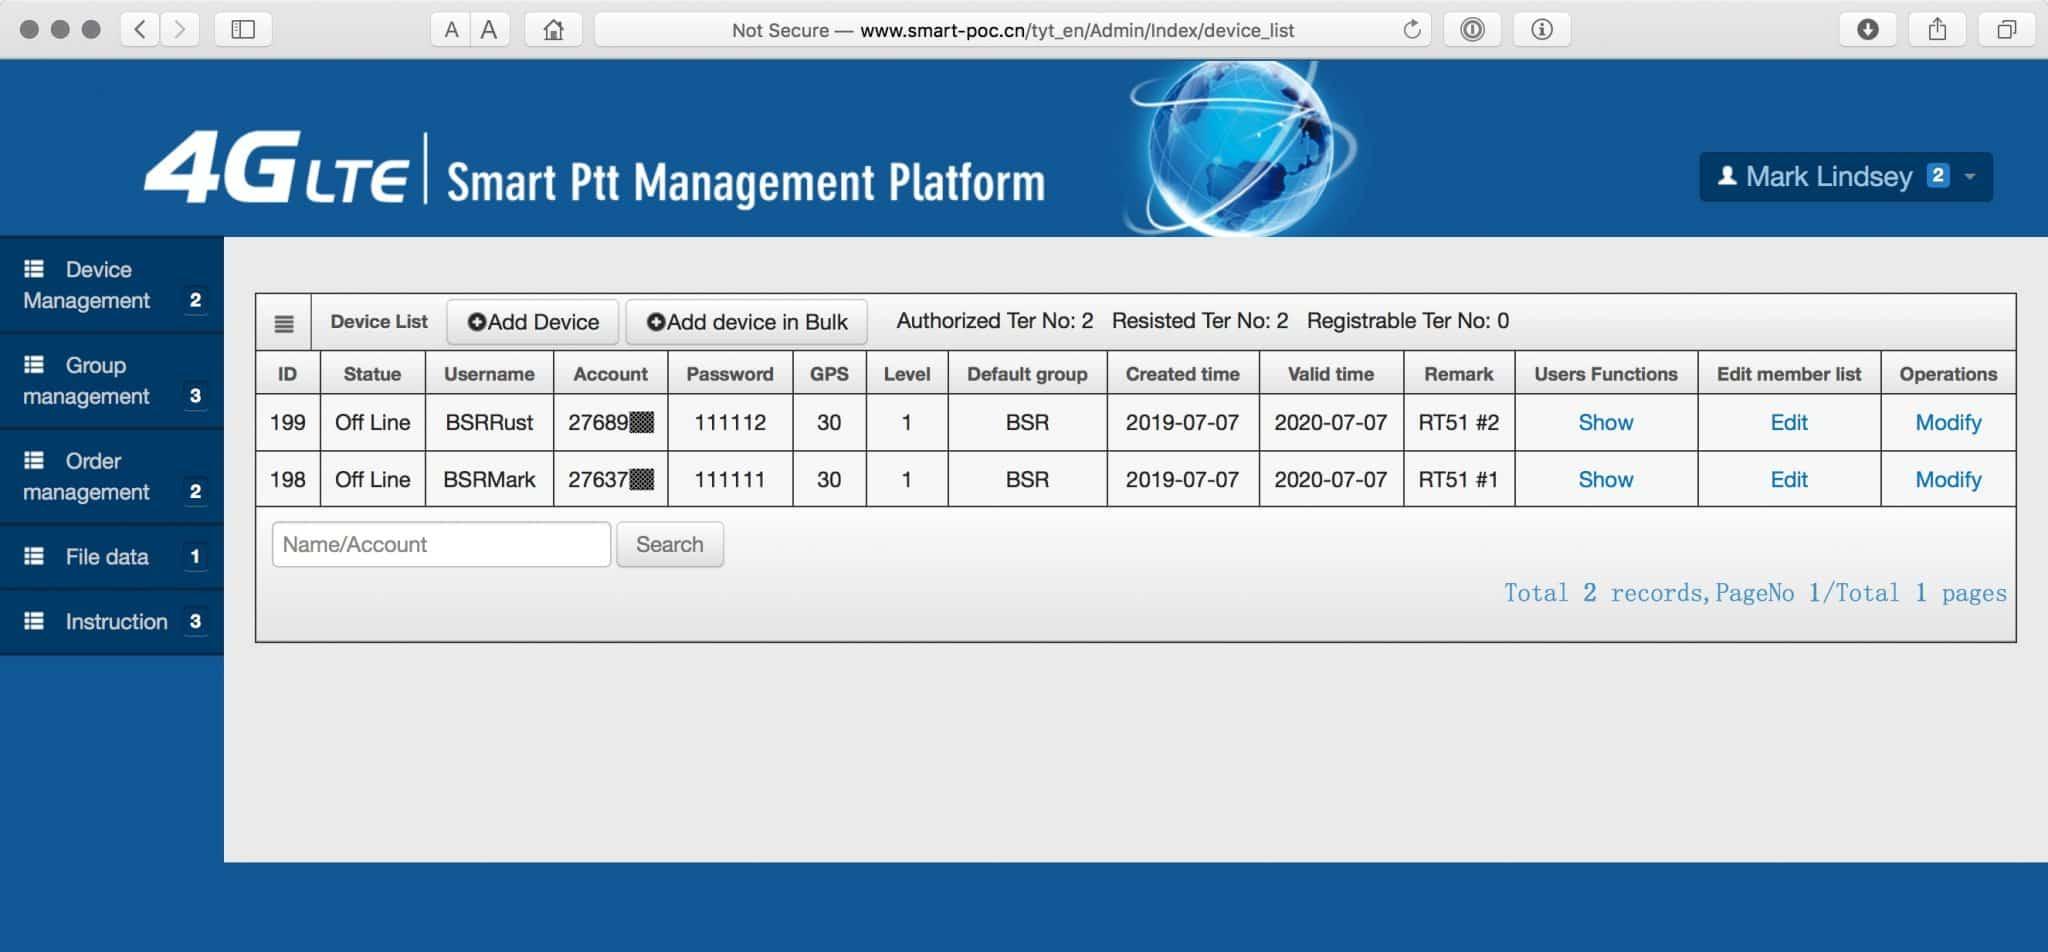 A screenshot of the Smart Ptt Management Platform's Devices list